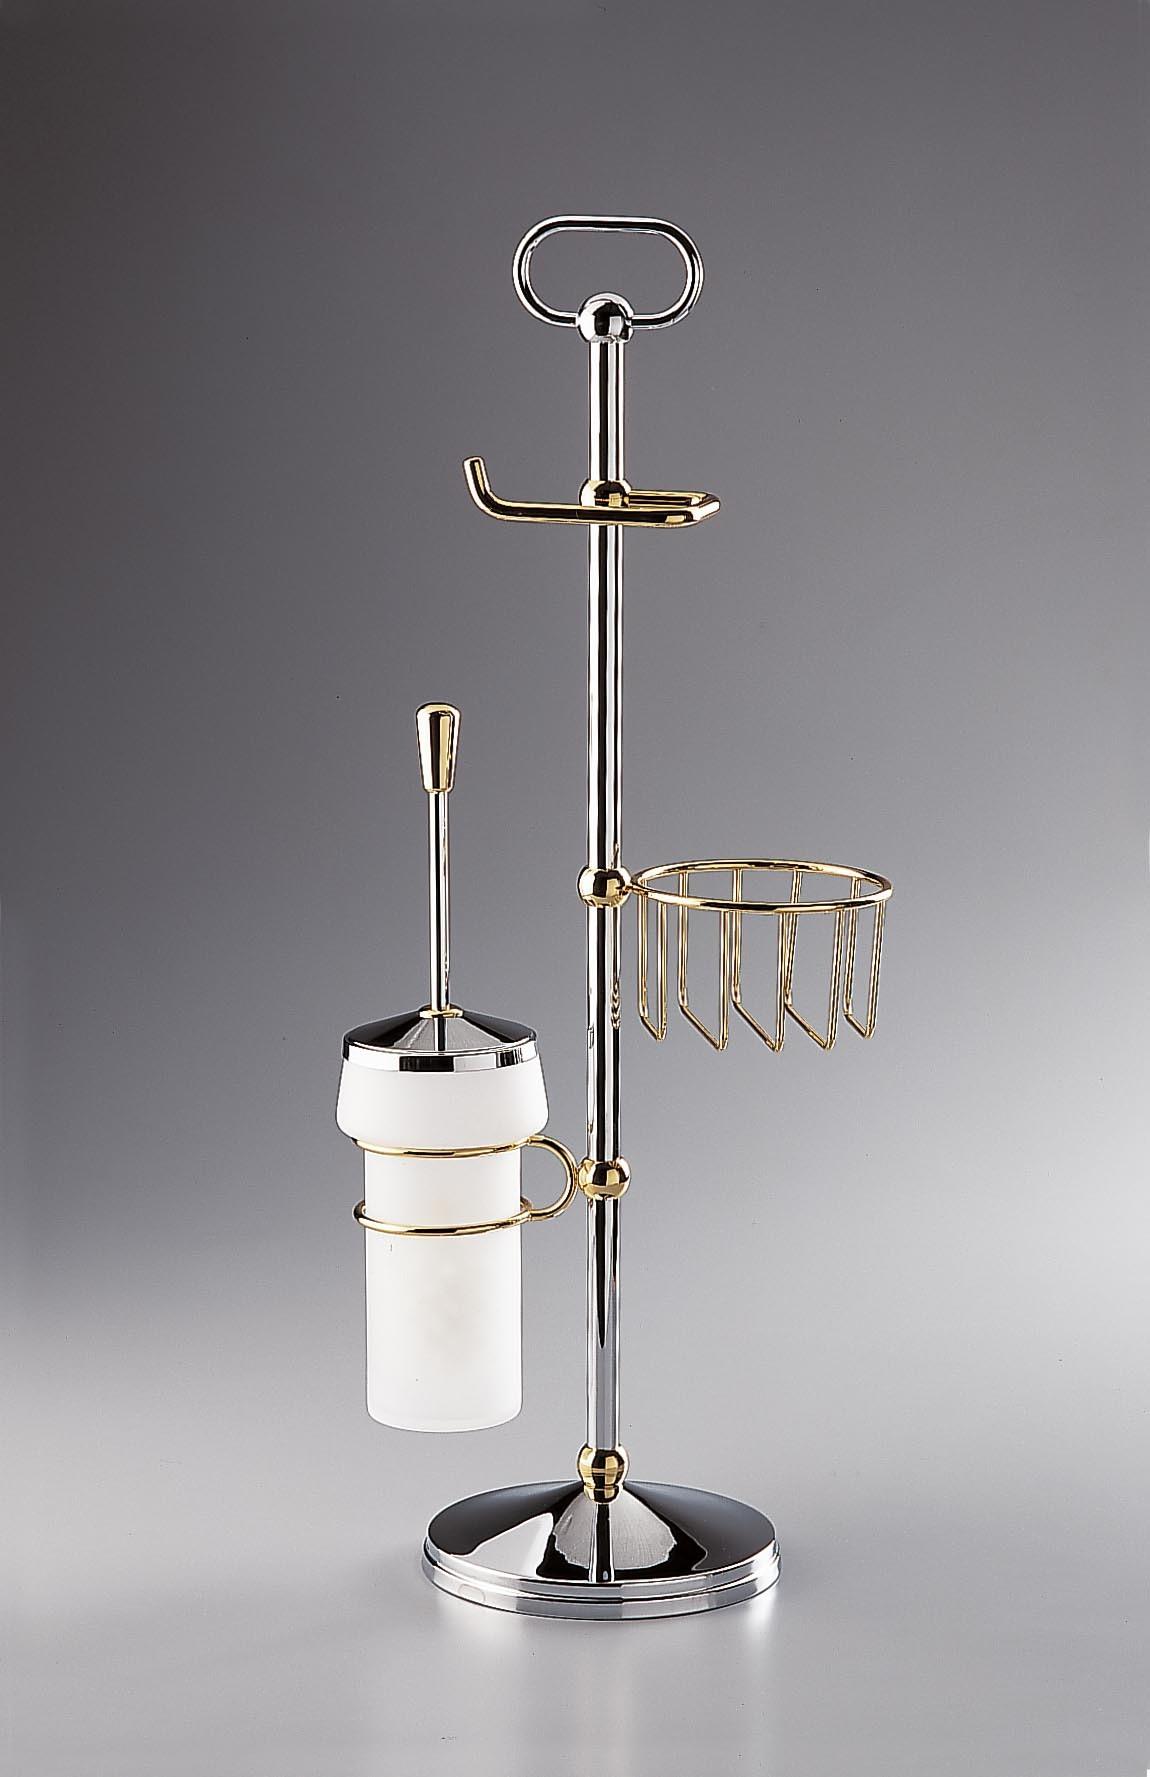 Стойка для туалета 89121CRO от Windisch